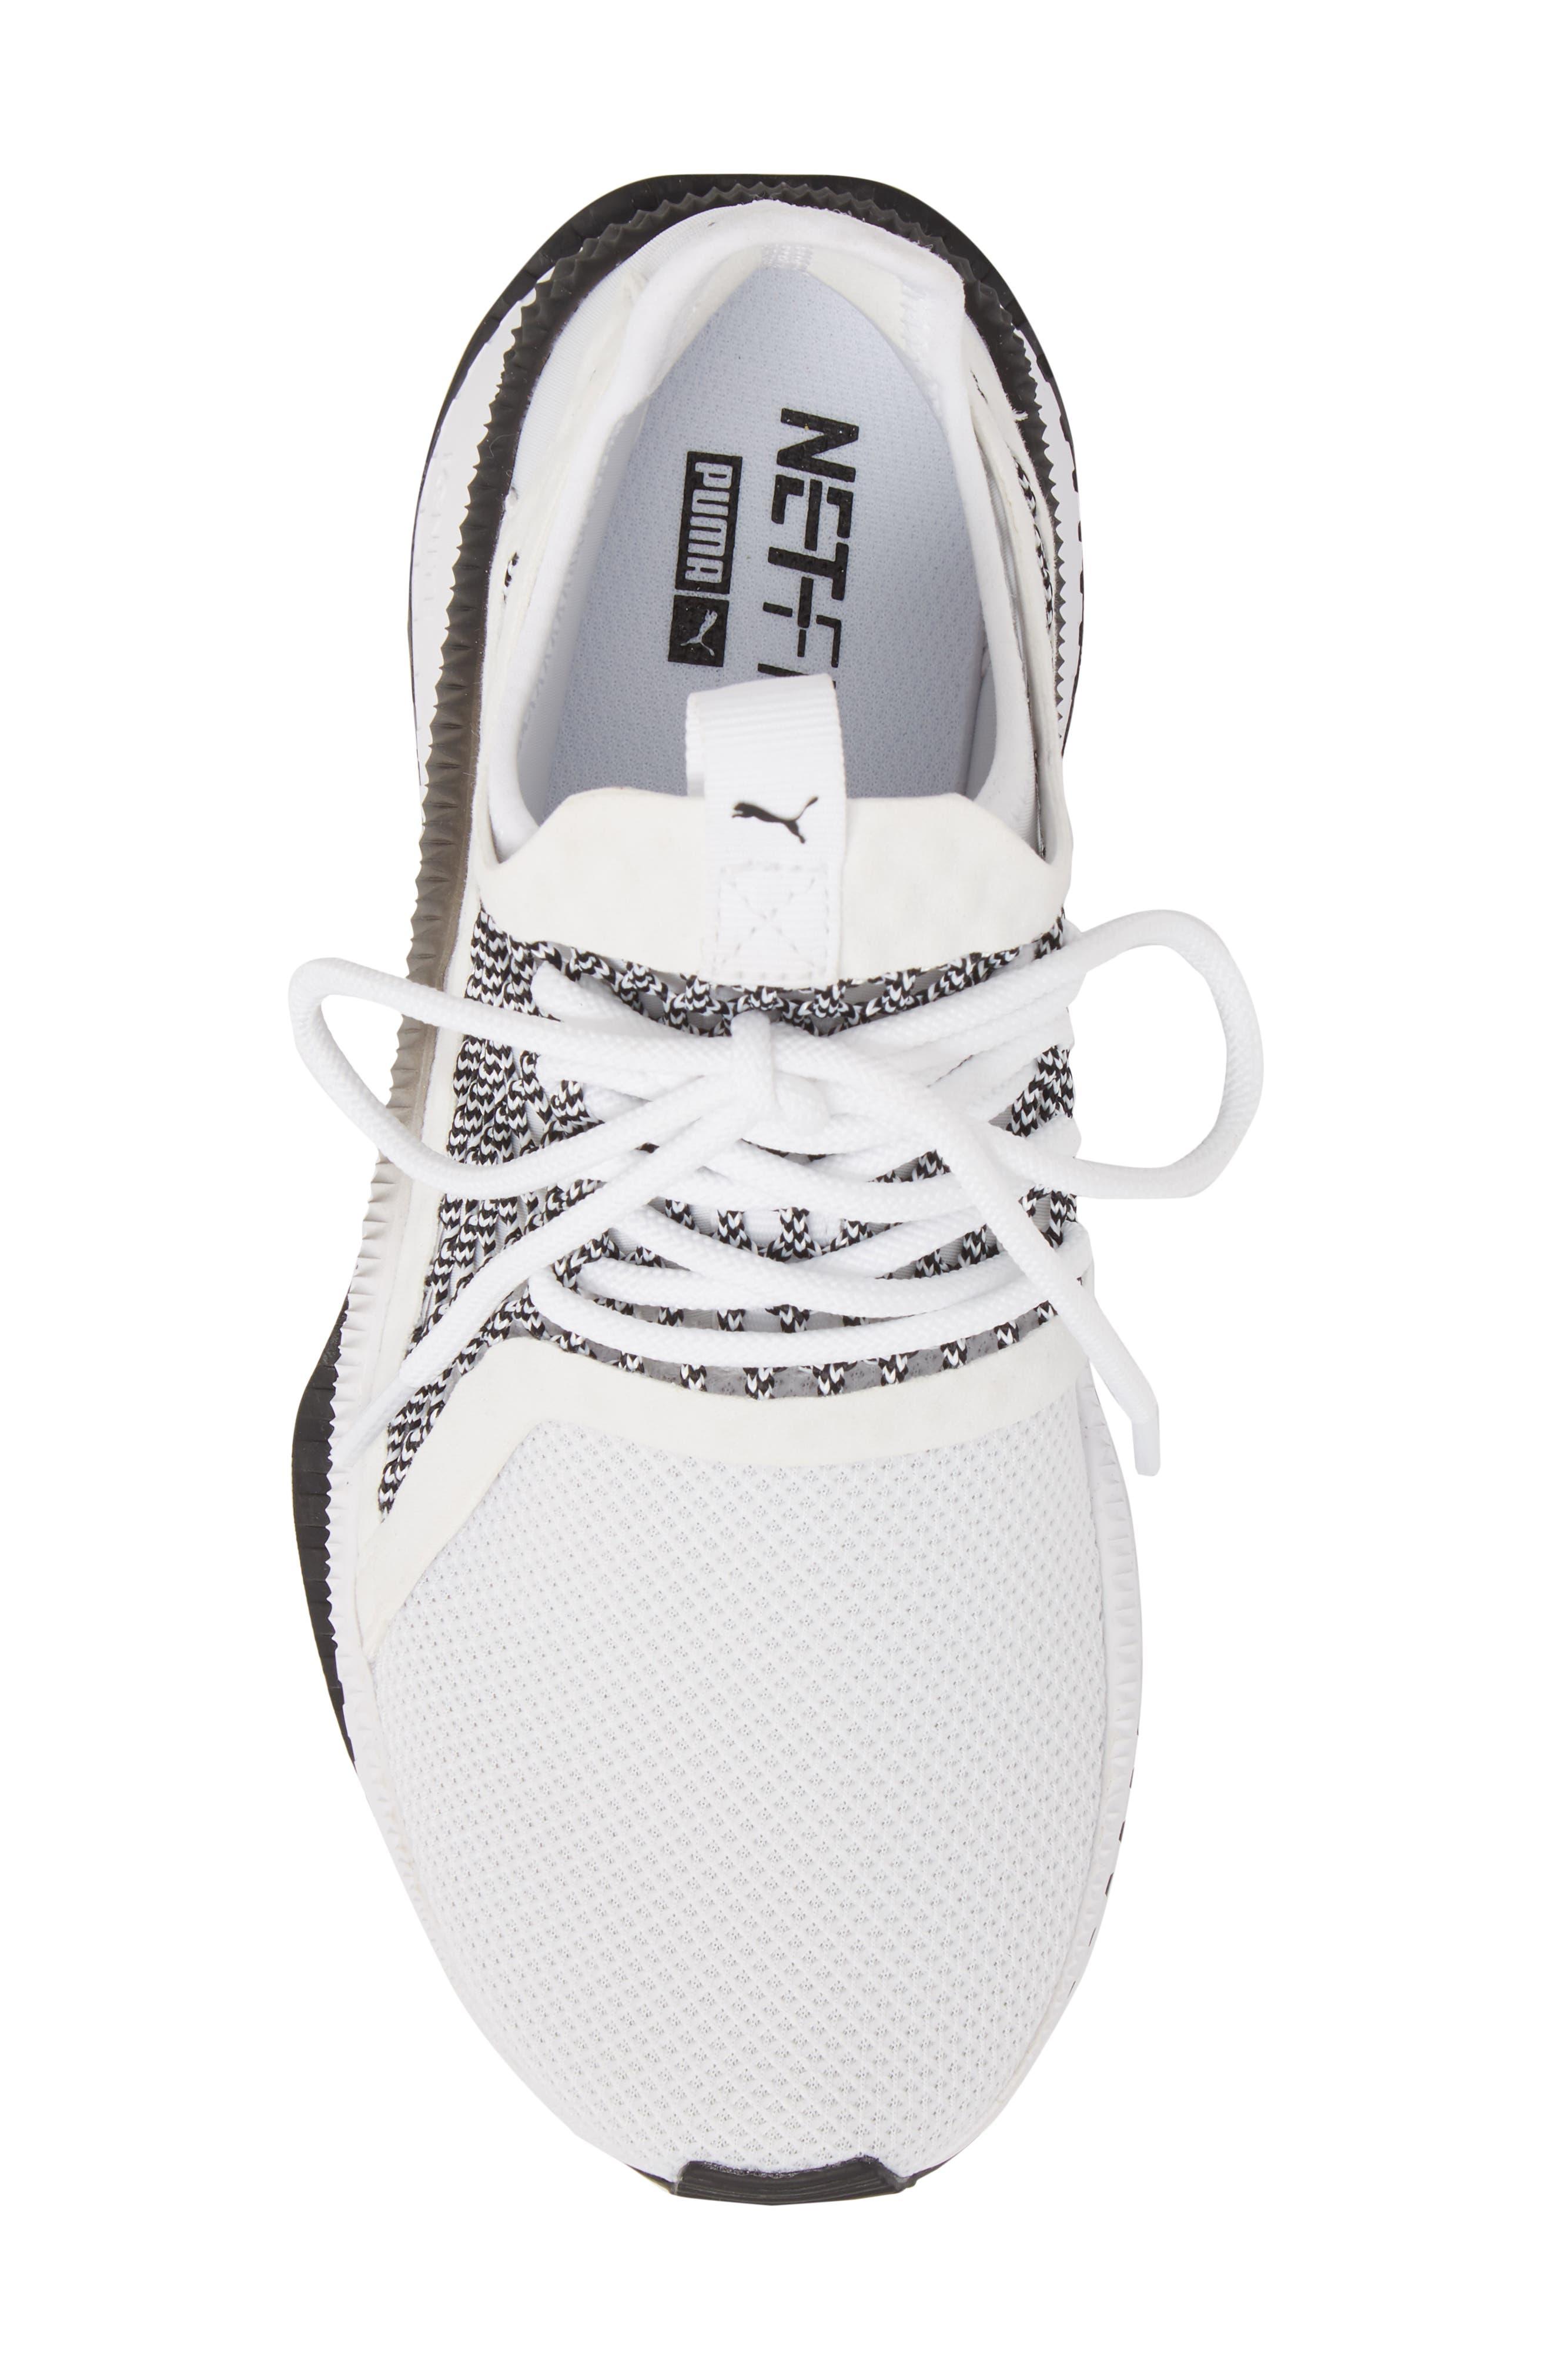 Tsugi Netfit evoKNIT Training Shoe,                             Alternate thumbnail 5, color,                             White/ Black